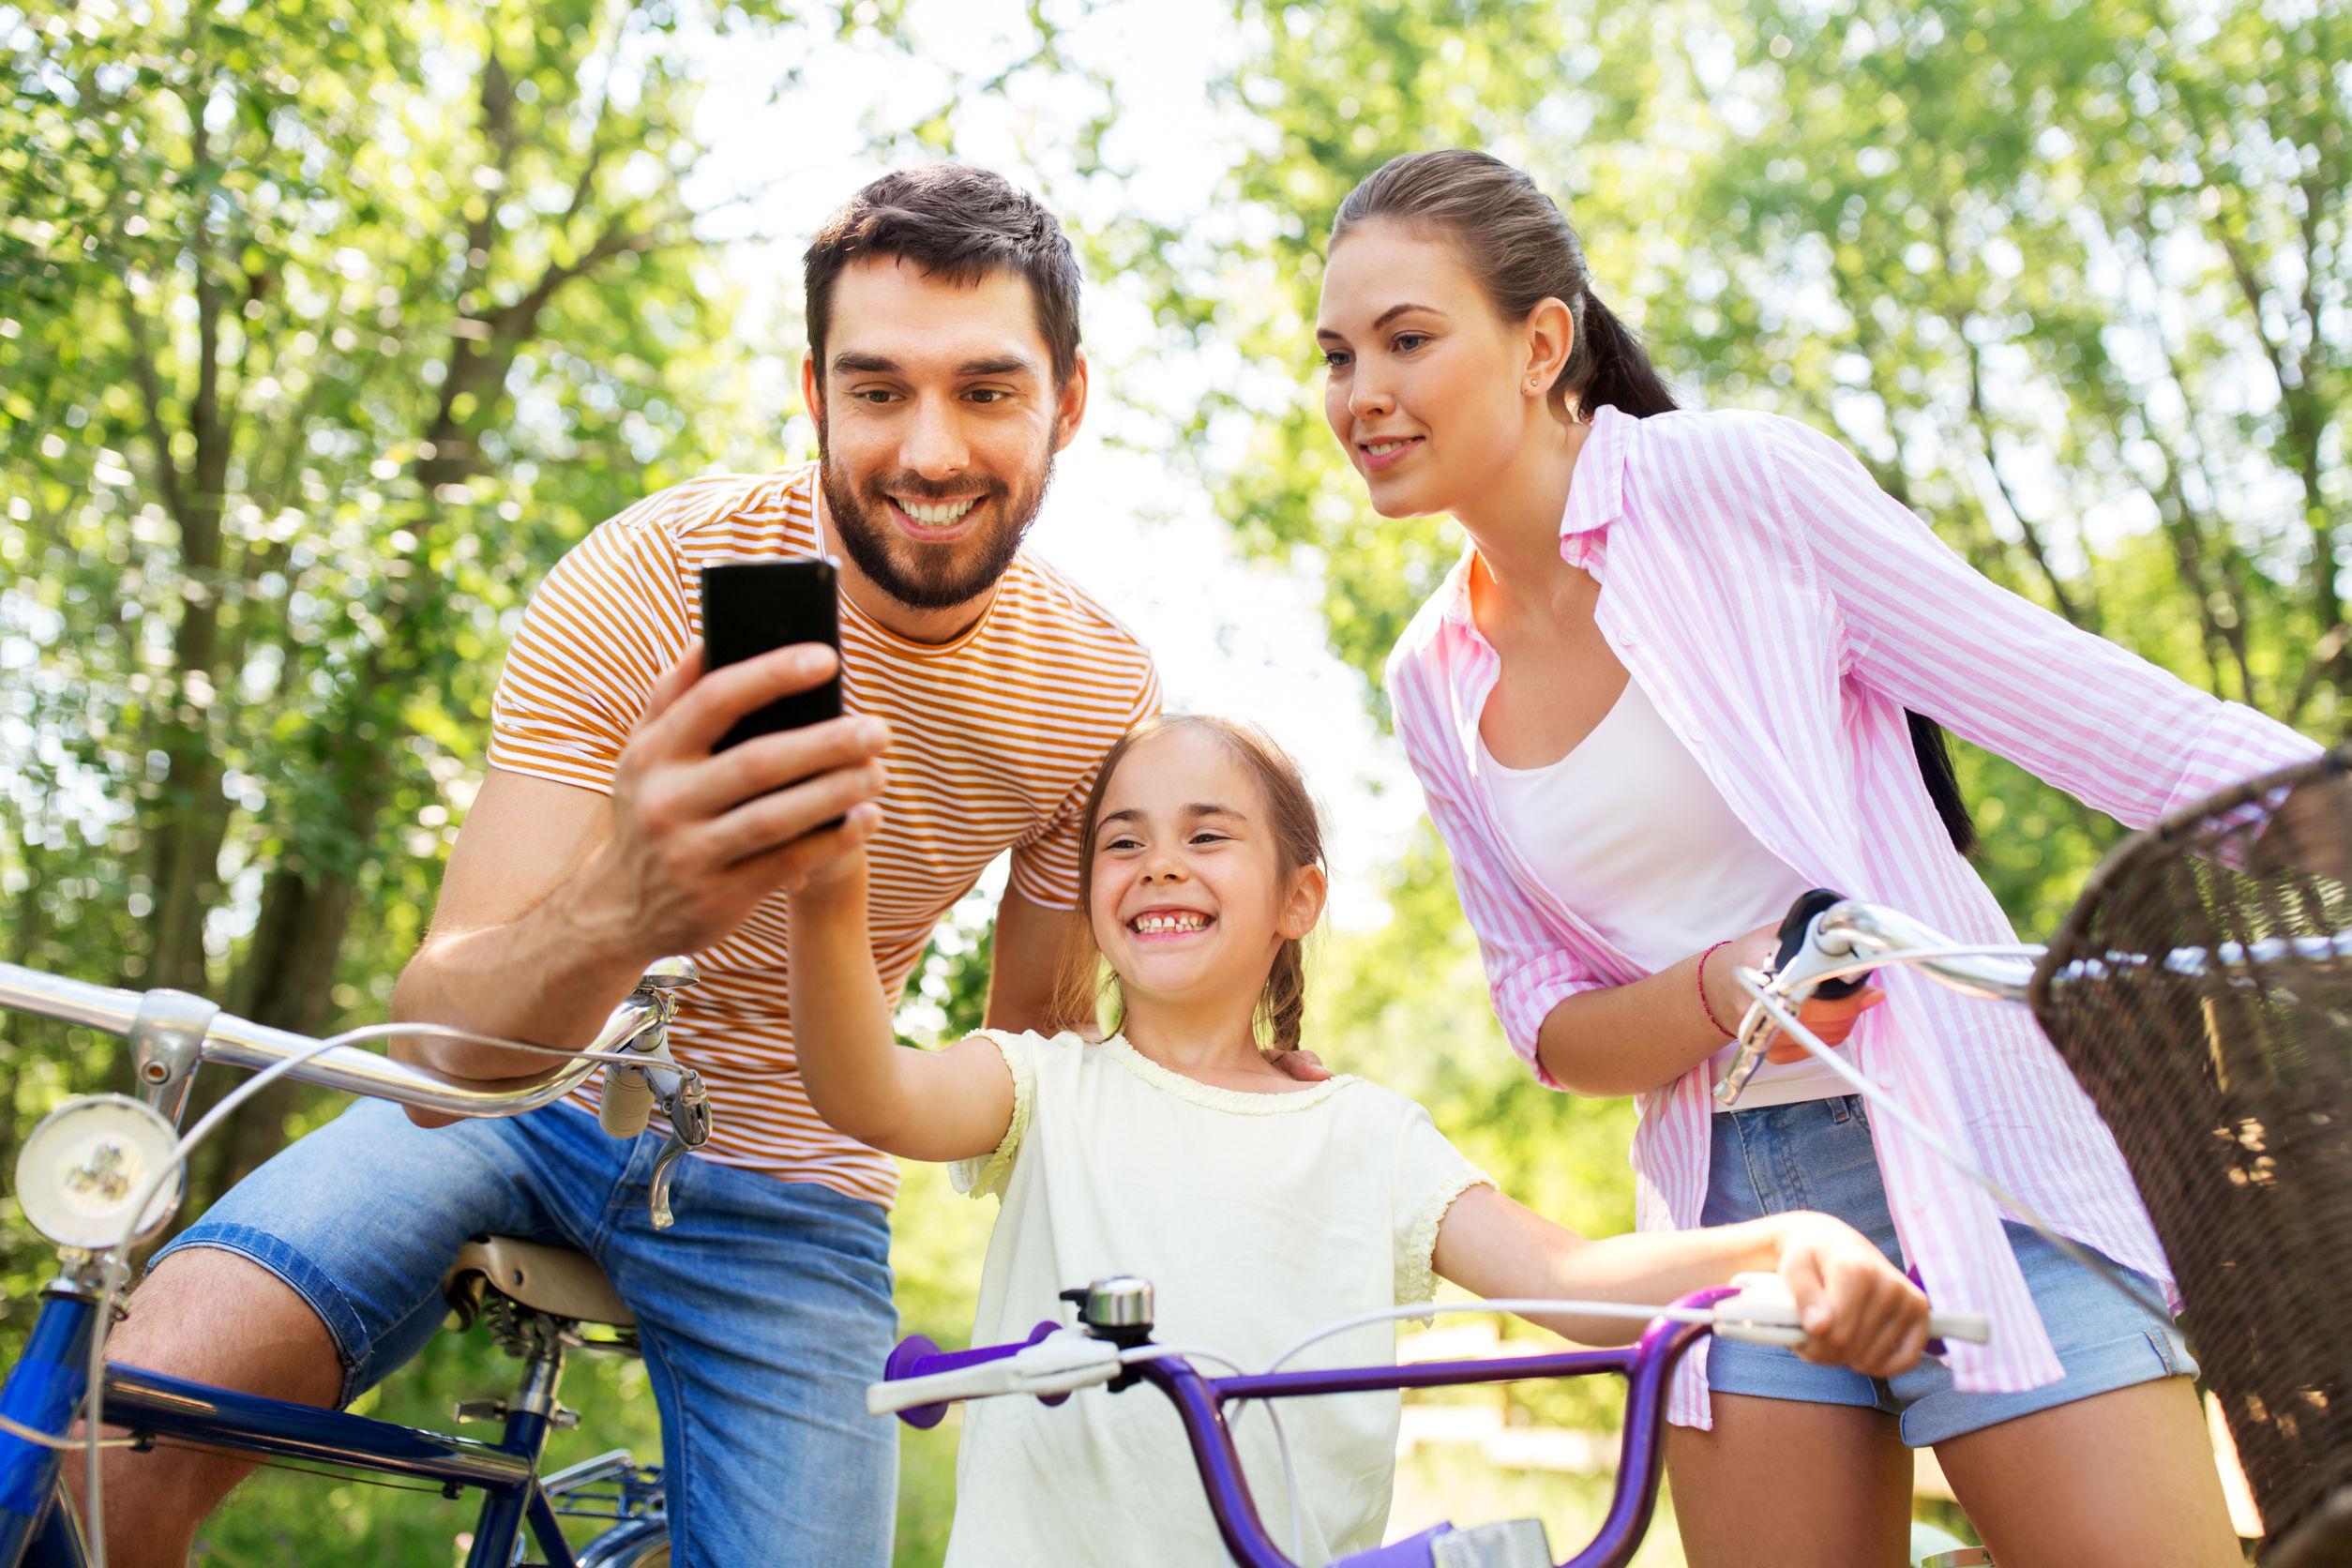 madre, padre e hija pequeña con teléfono inteligente y bicicletas en el parque en verano